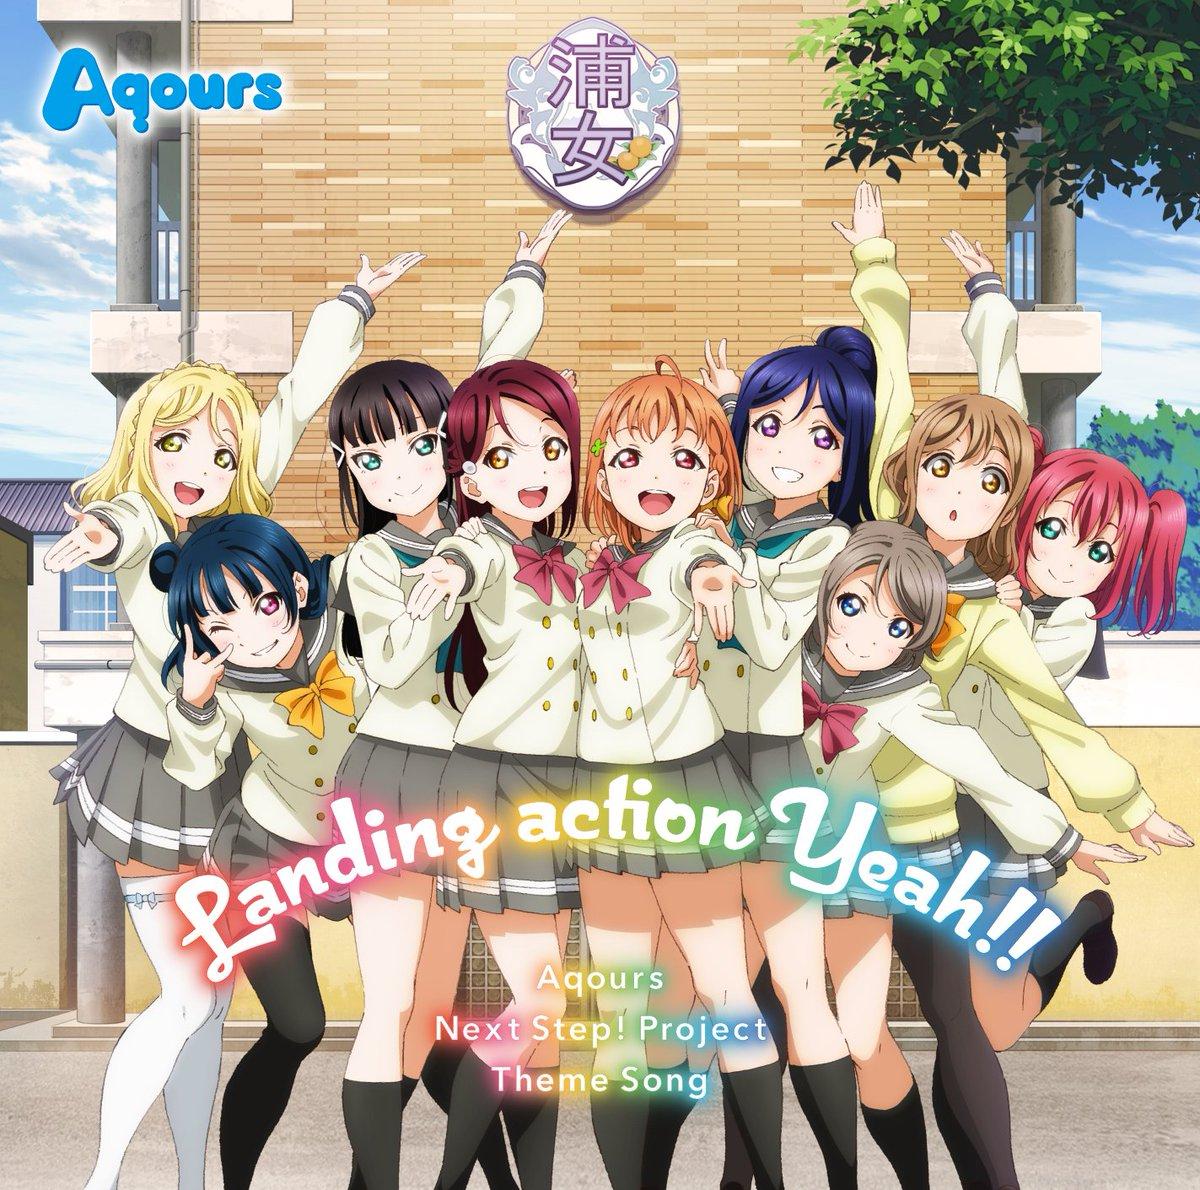 Aqours CLUB CD SETが本日6/30、Aqoursの結成日に発売になりました!同時にAqours CLUBも正式オープン!→lovelive-aqoursclub.jp/mob/index.php?… 色んなAqoursと触れ合ってくださいね! #lovelive